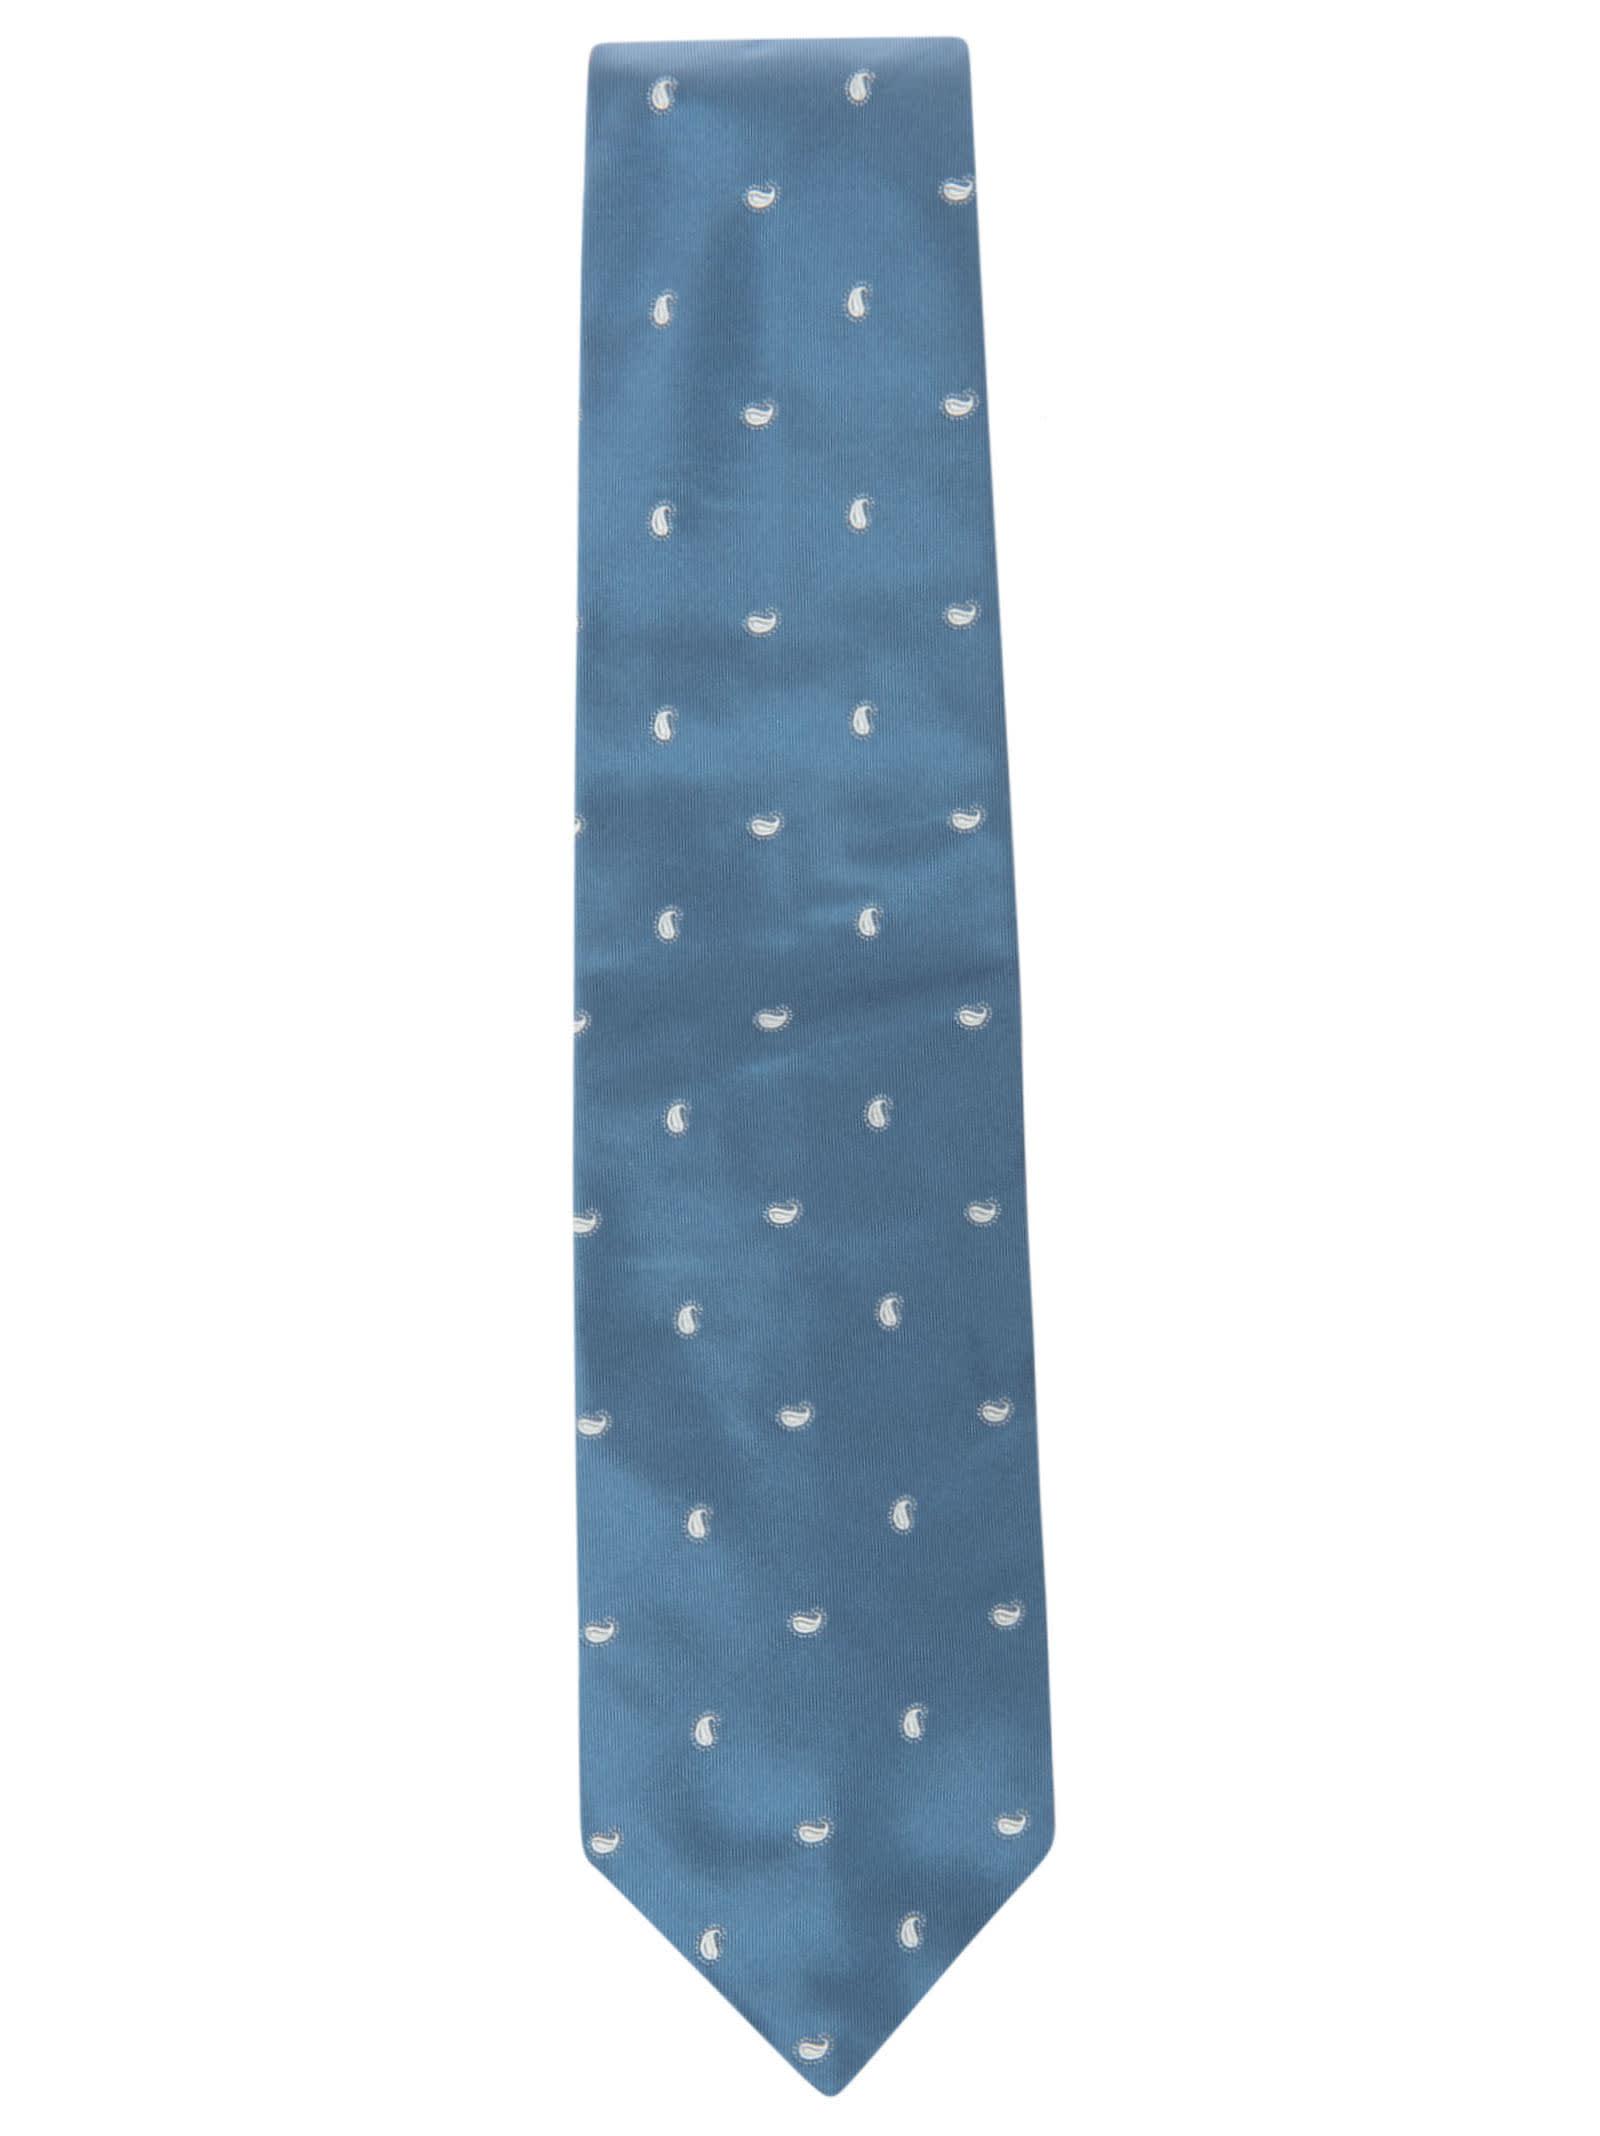 Paisley Print Neck Tie